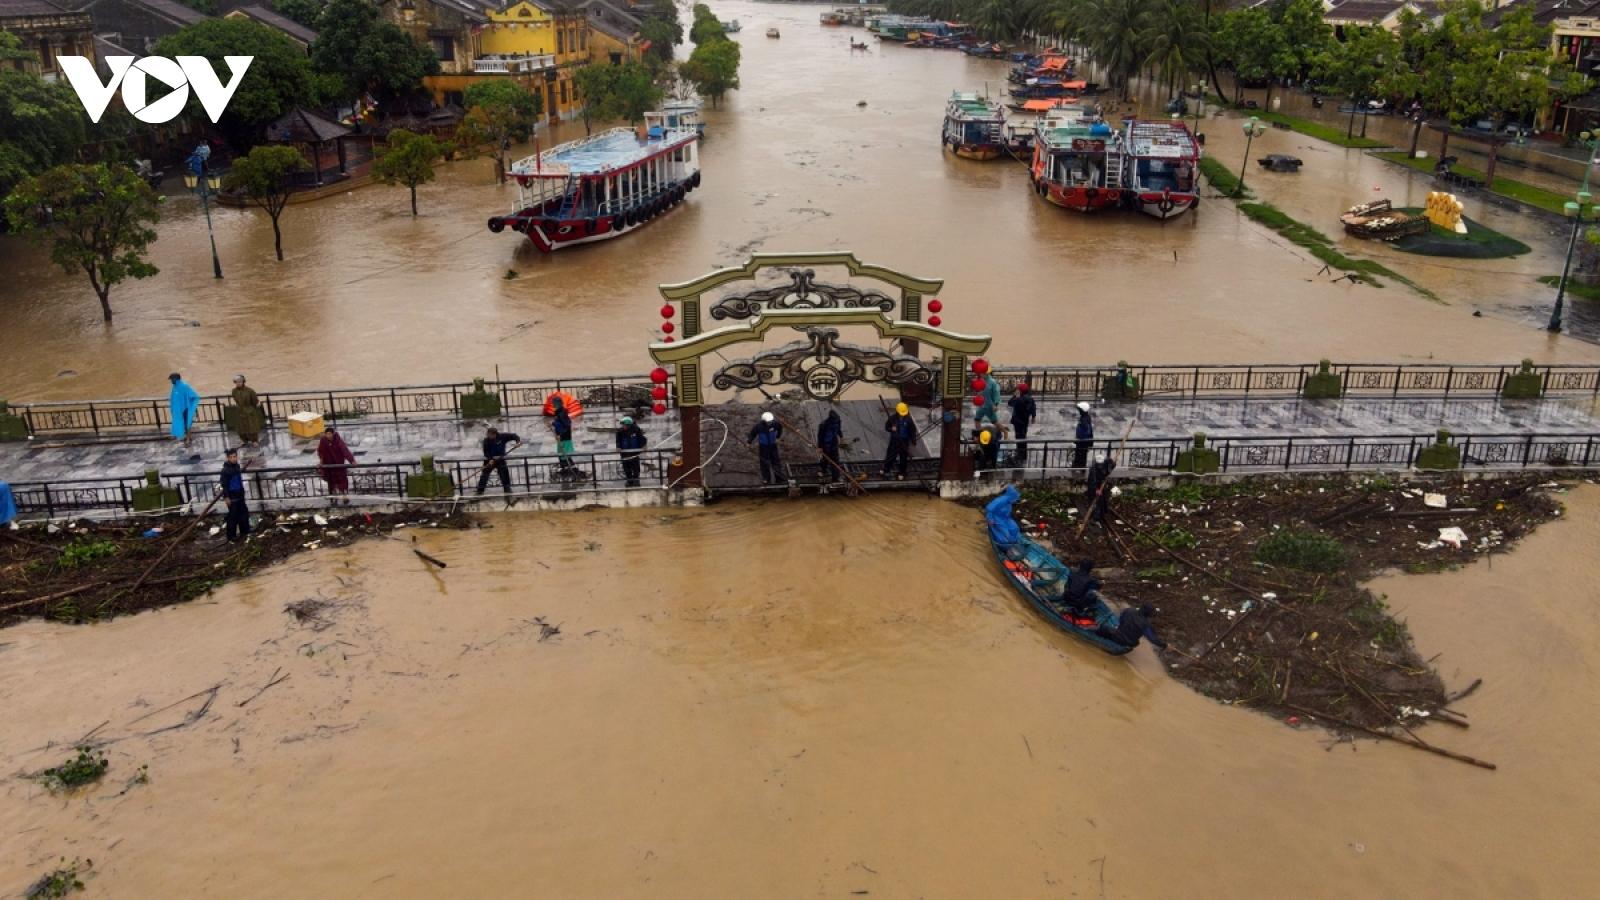 Giáo hội Phật giáo VN vận động cứu trợ các tỉnh lũ lụt miền Trung